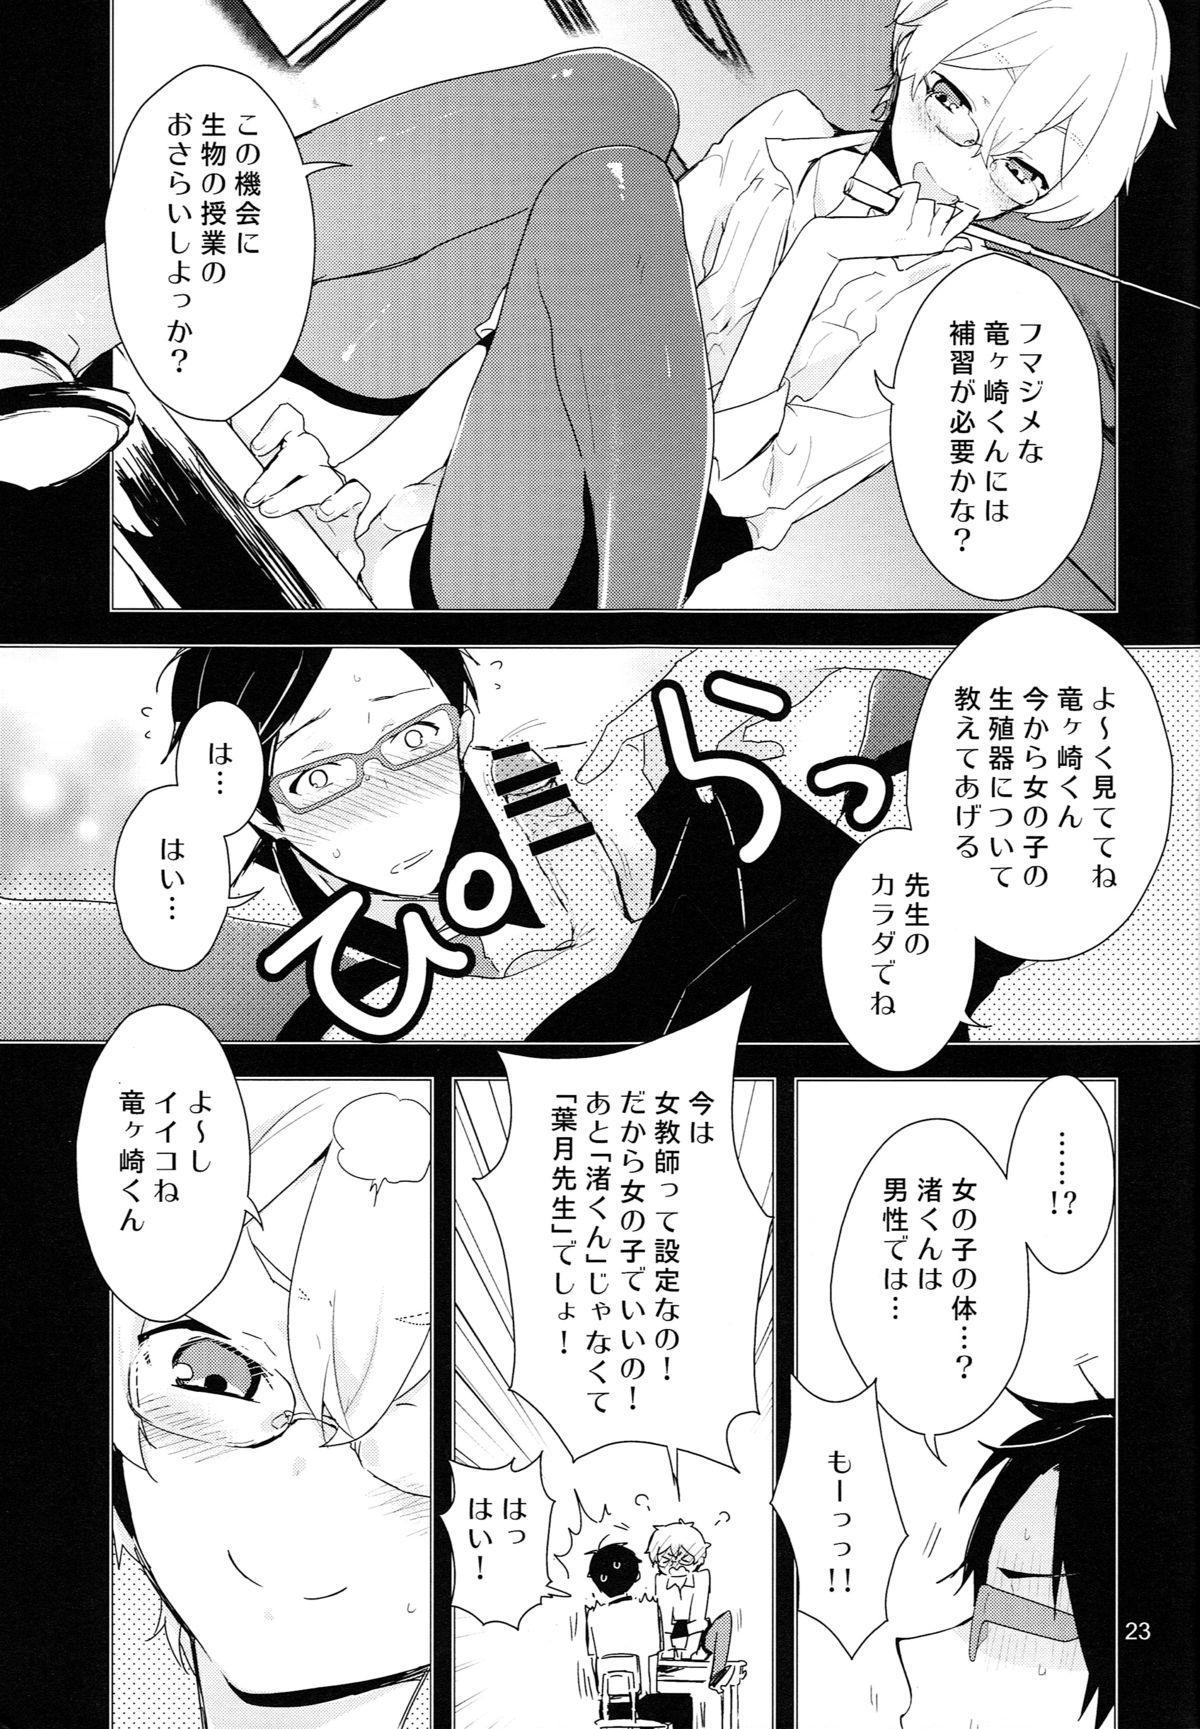 Ryuugazaki nanigashi wa seiyoku wo moteamashite iru. 22